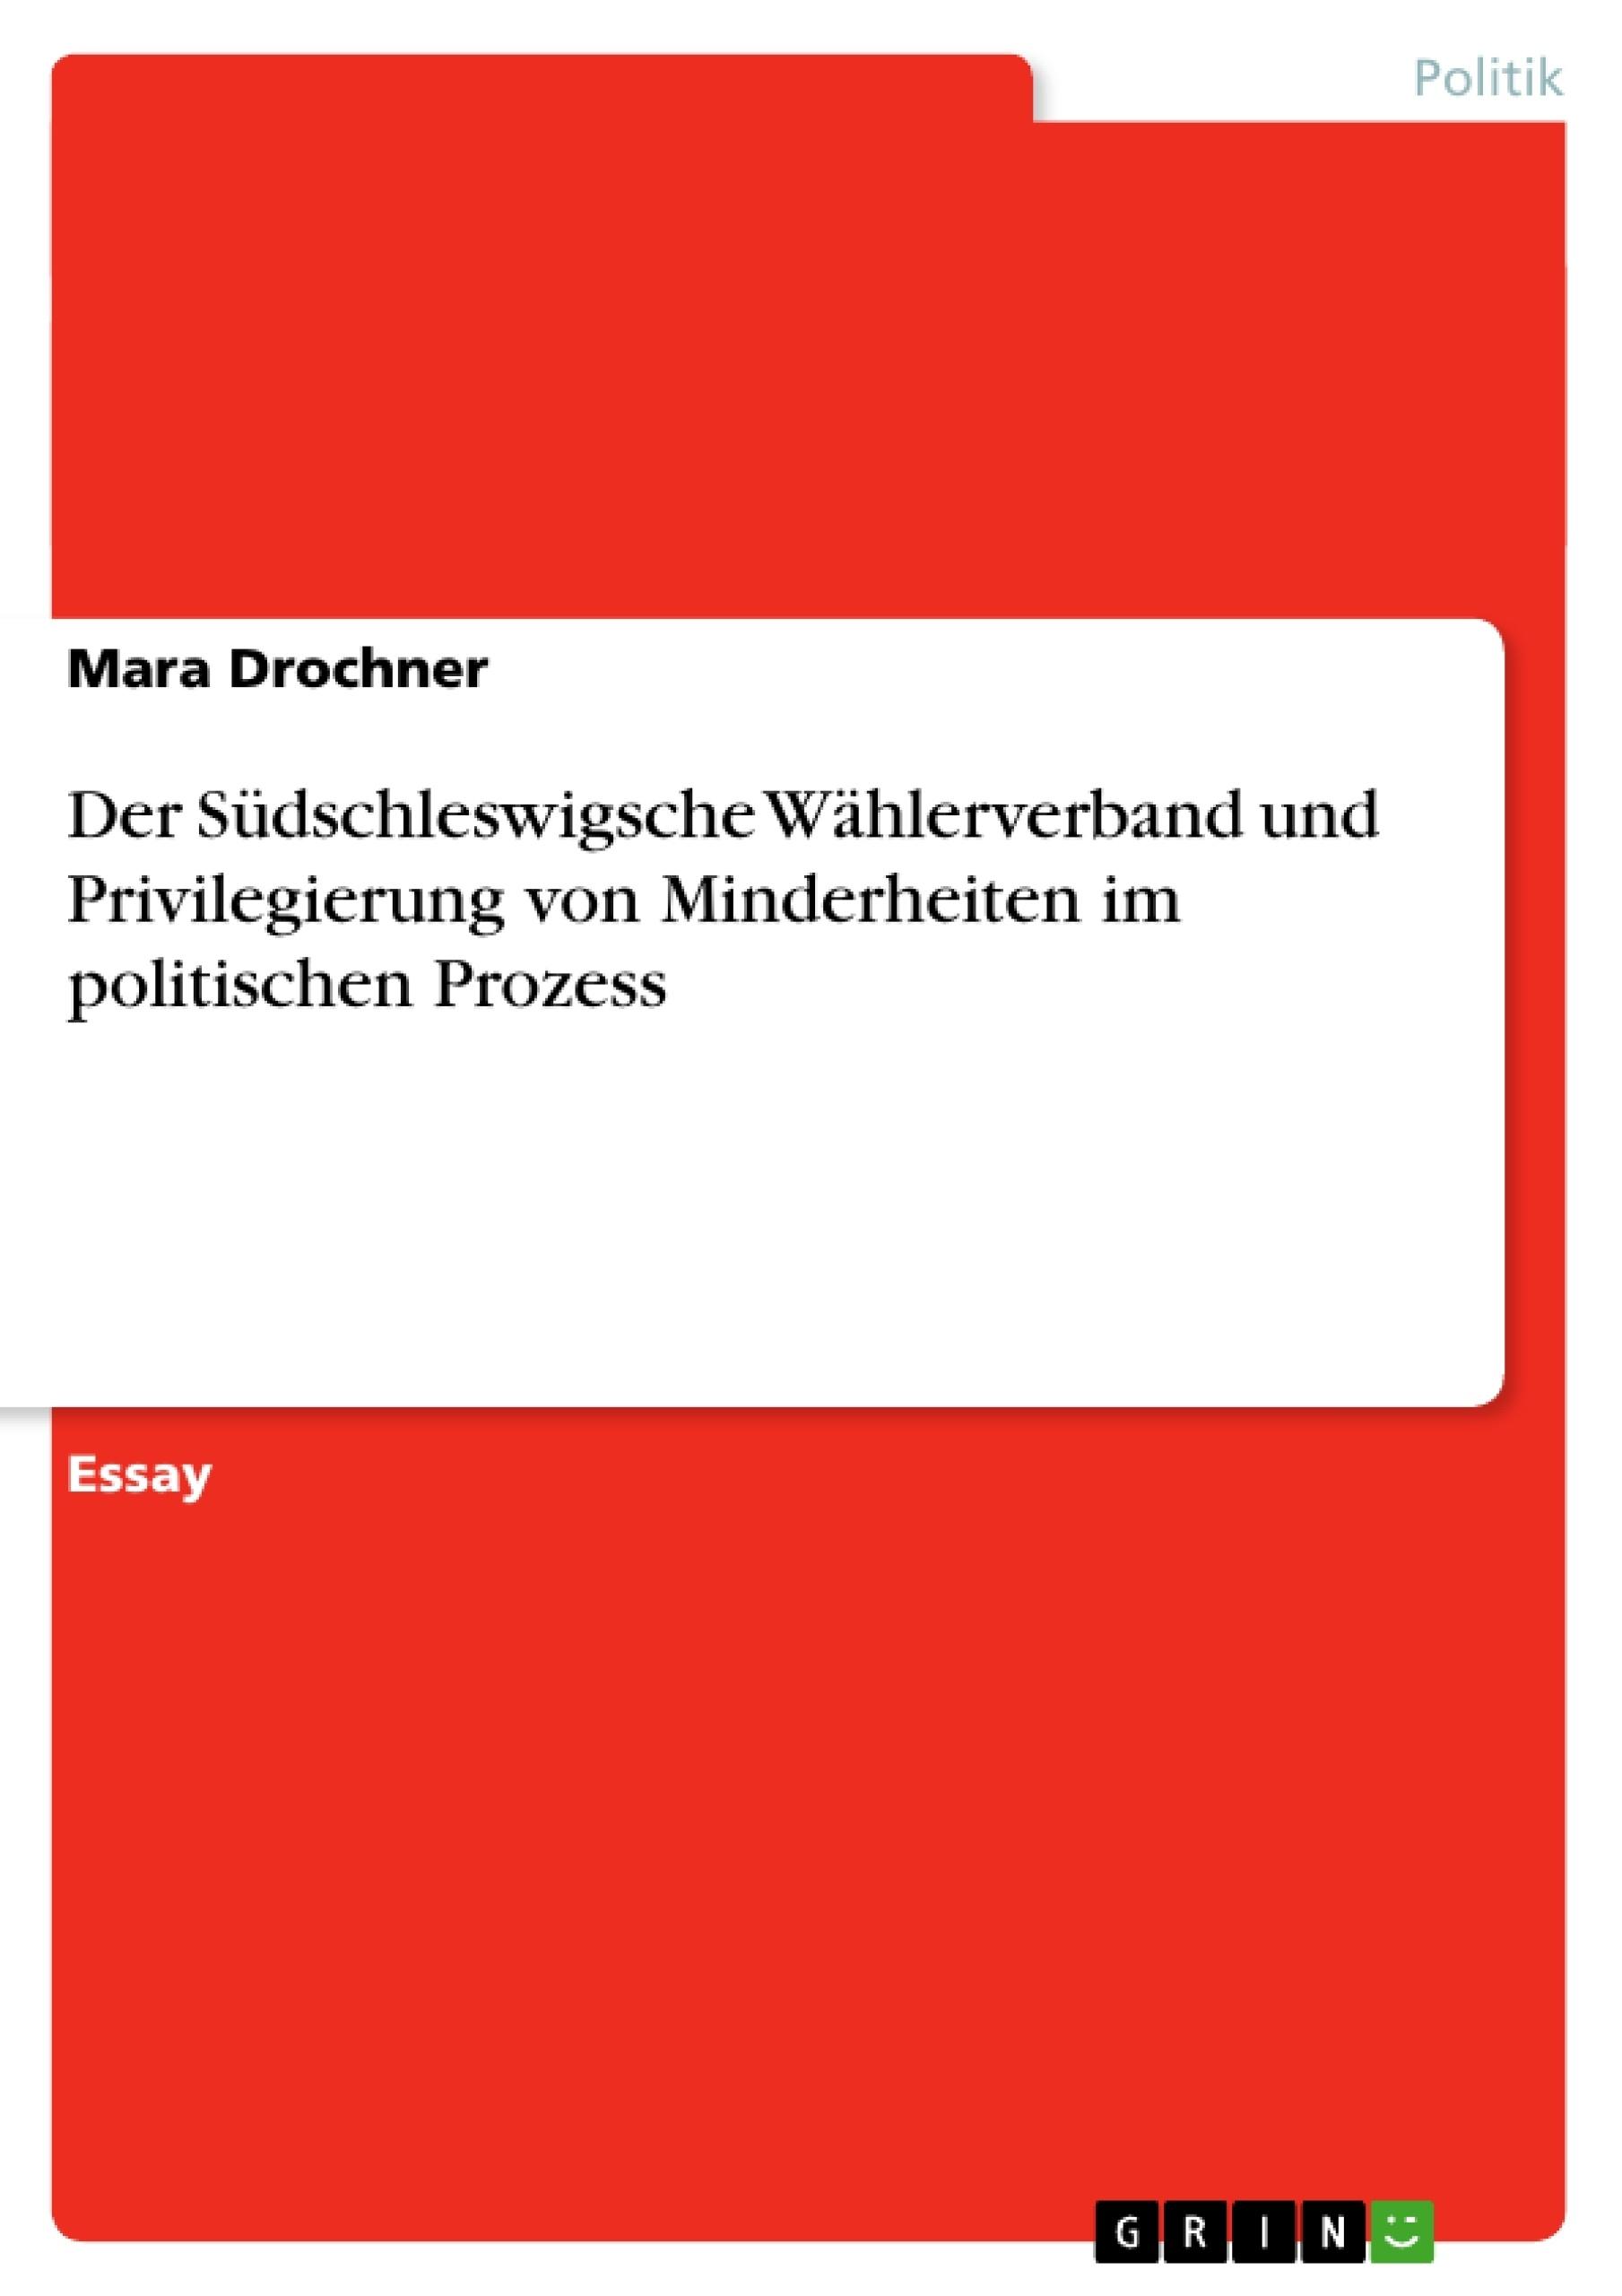 Titel: Der Südschleswigsche Wählerverband und Privilegierung von Minderheiten im politischen Prozess